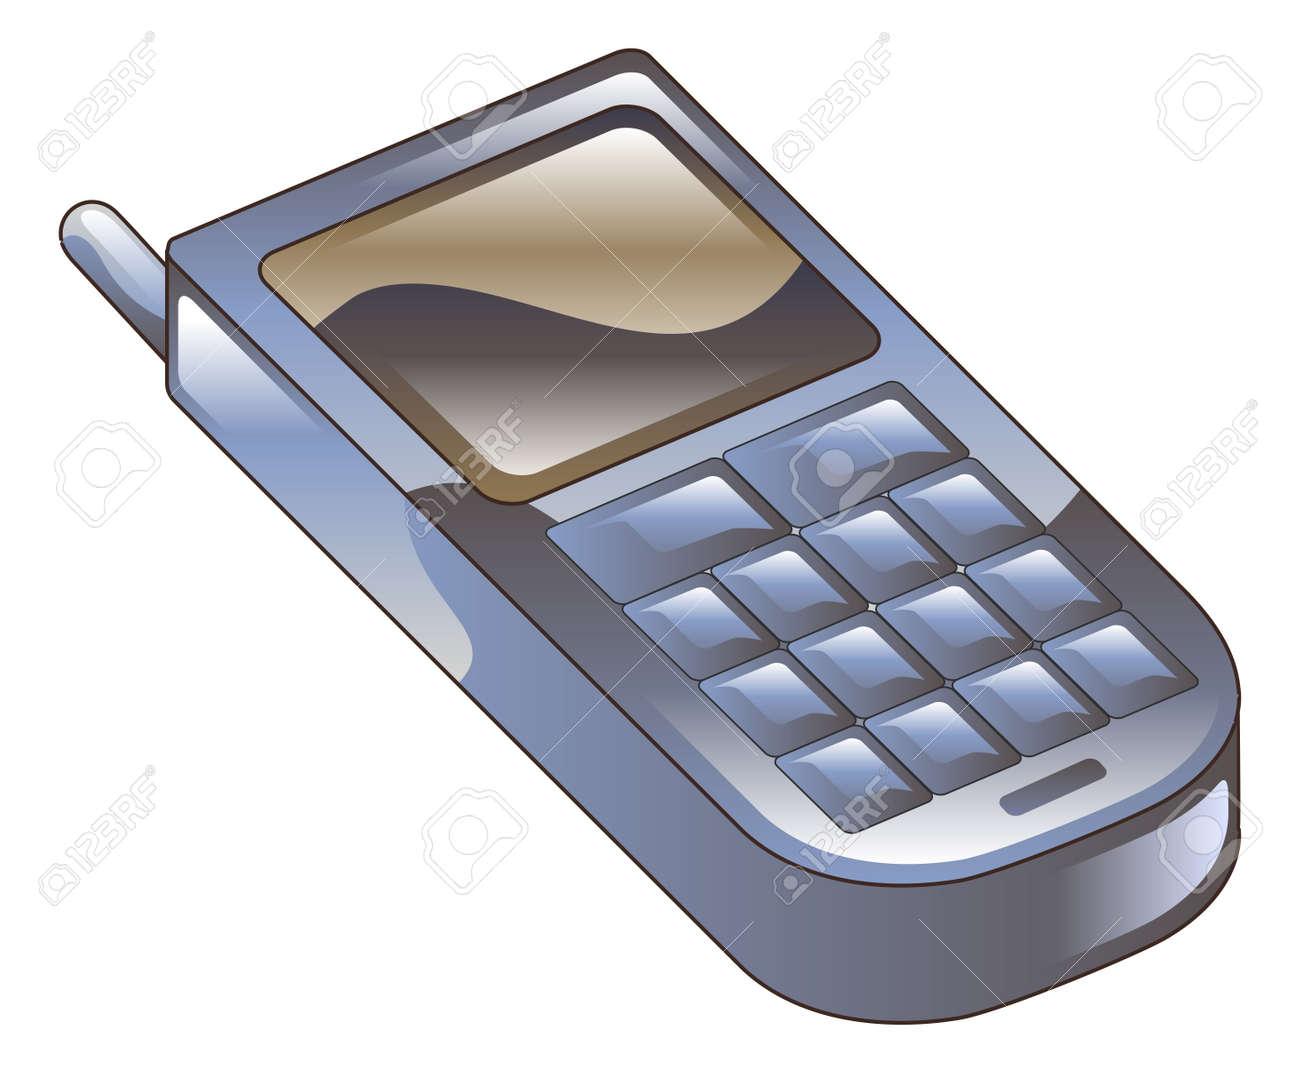 携帯電話アイコン クリップアートのイラストのイラスト素材ベクタ